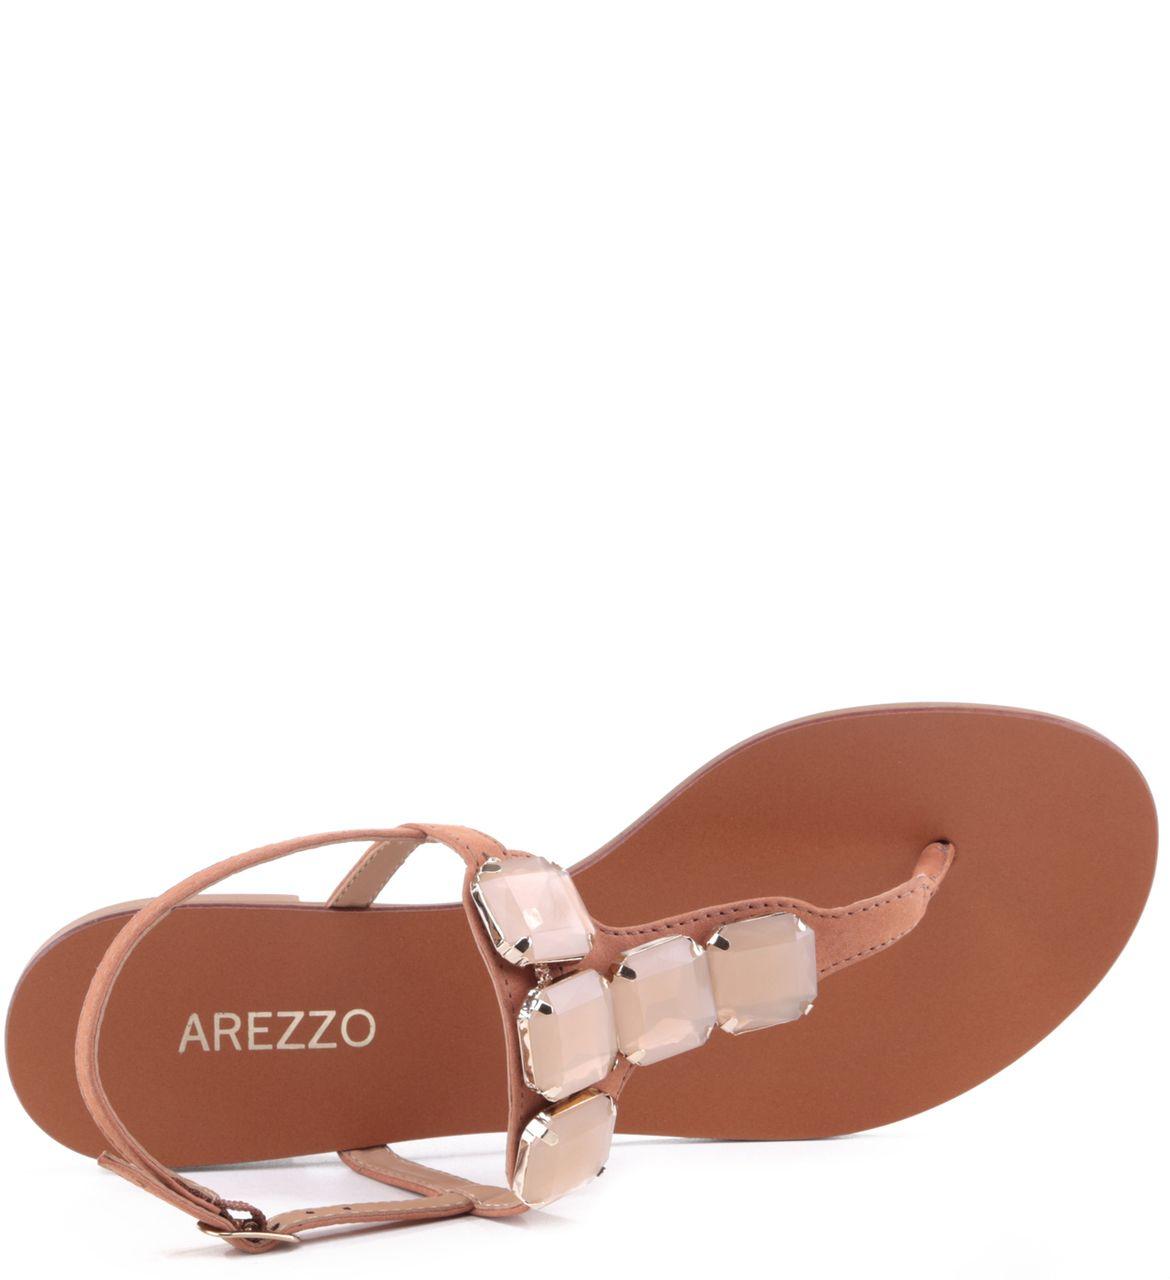 0cb3d0ea8 Rasteira Pedraria Maxi Blush | Arezzo | RASTEIRAS | Zapatos ...